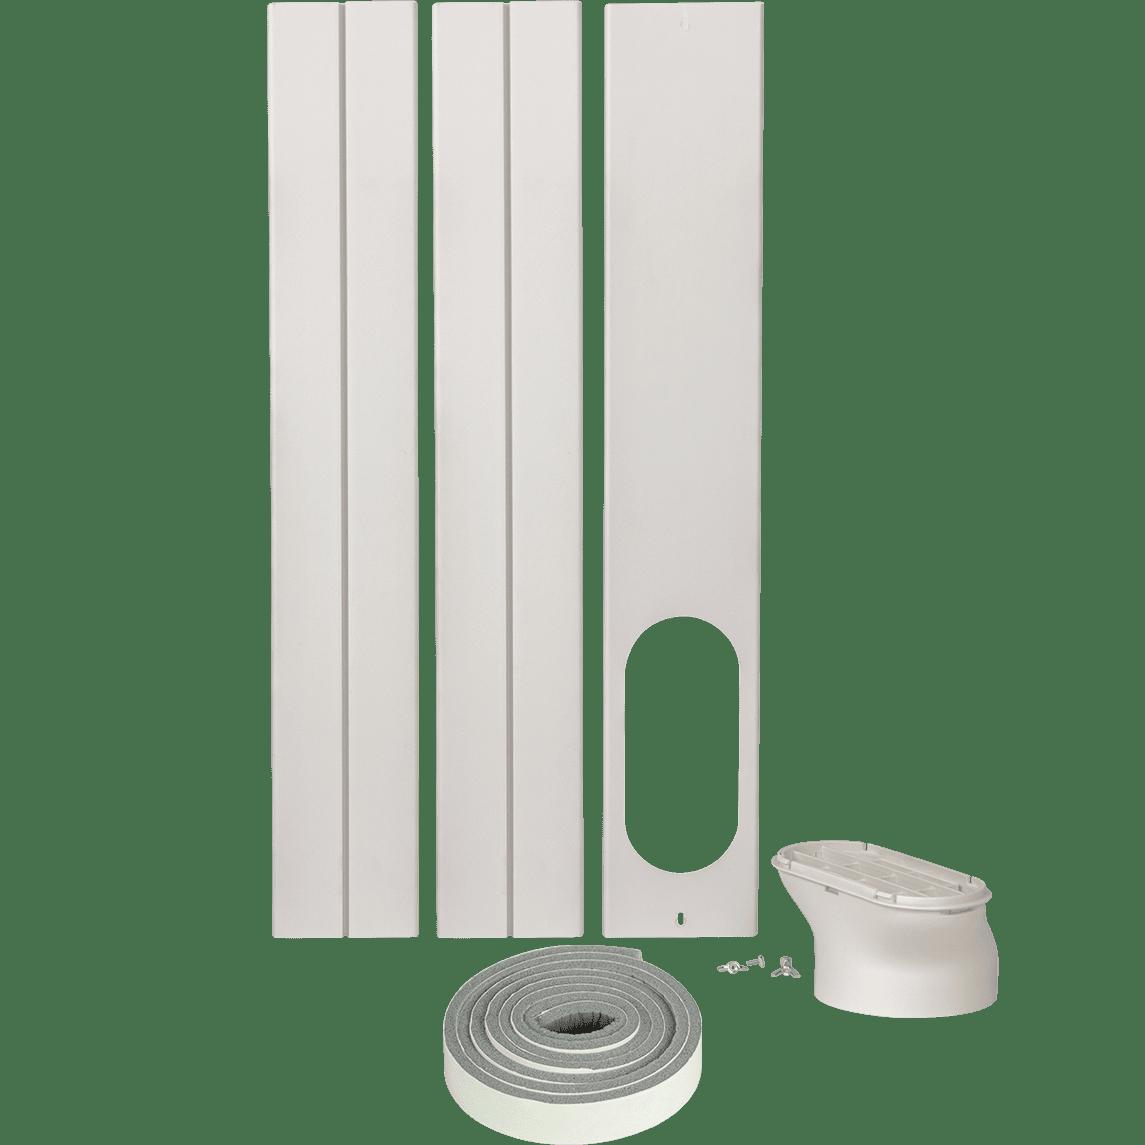 Honeywell Portable Ac Sliding Glass Door Kit In 2020 Door Kits